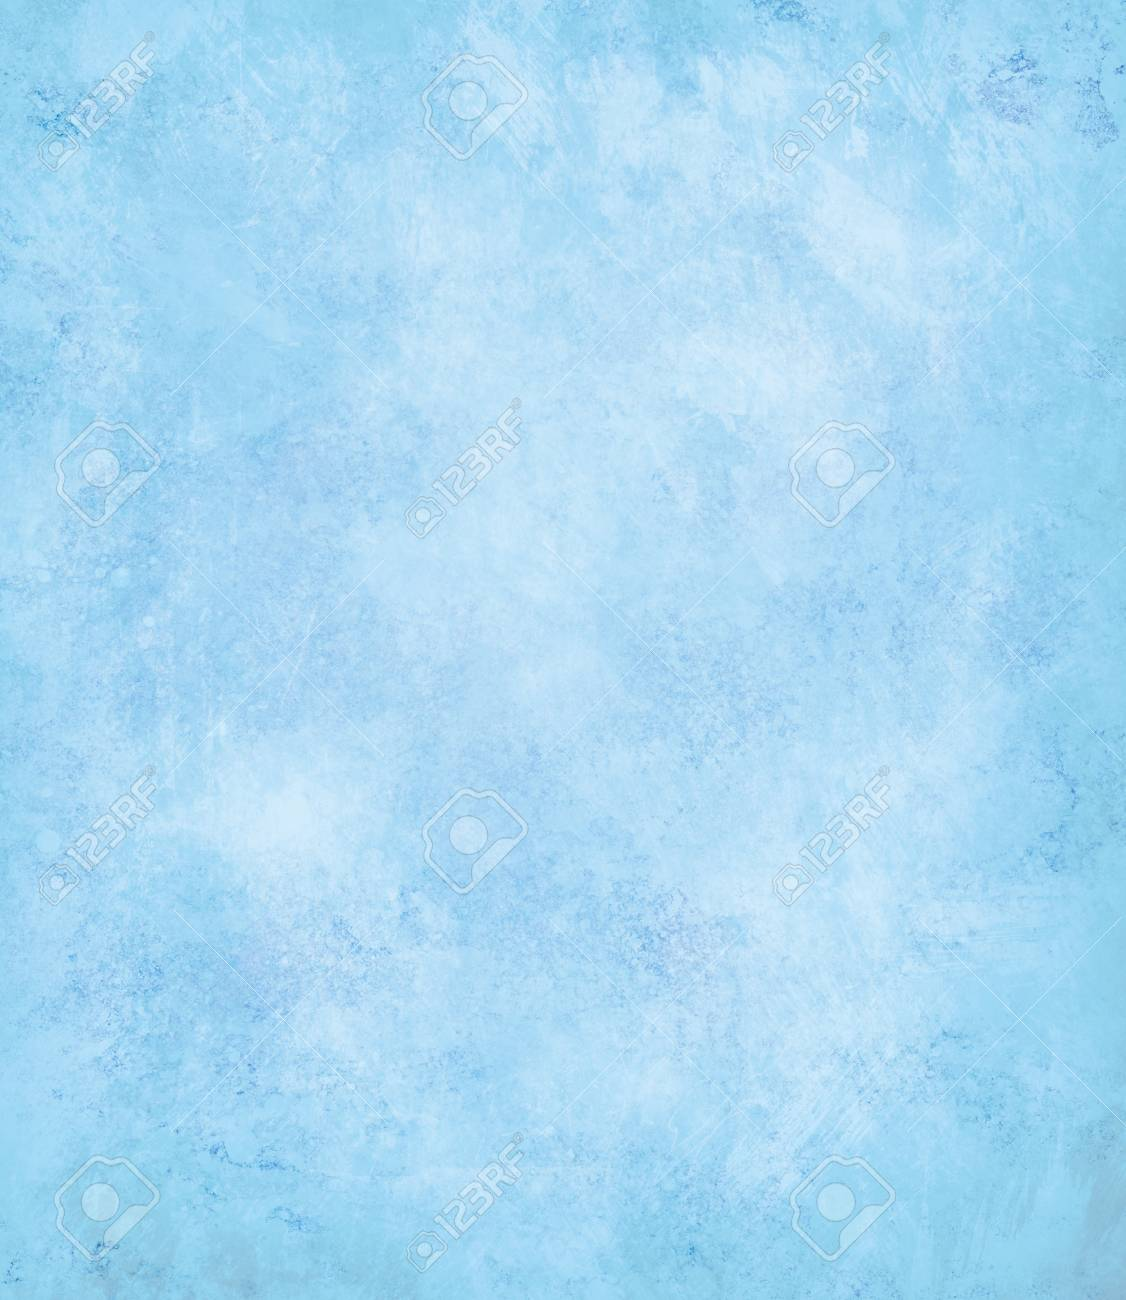 Image de fond bleu ciel